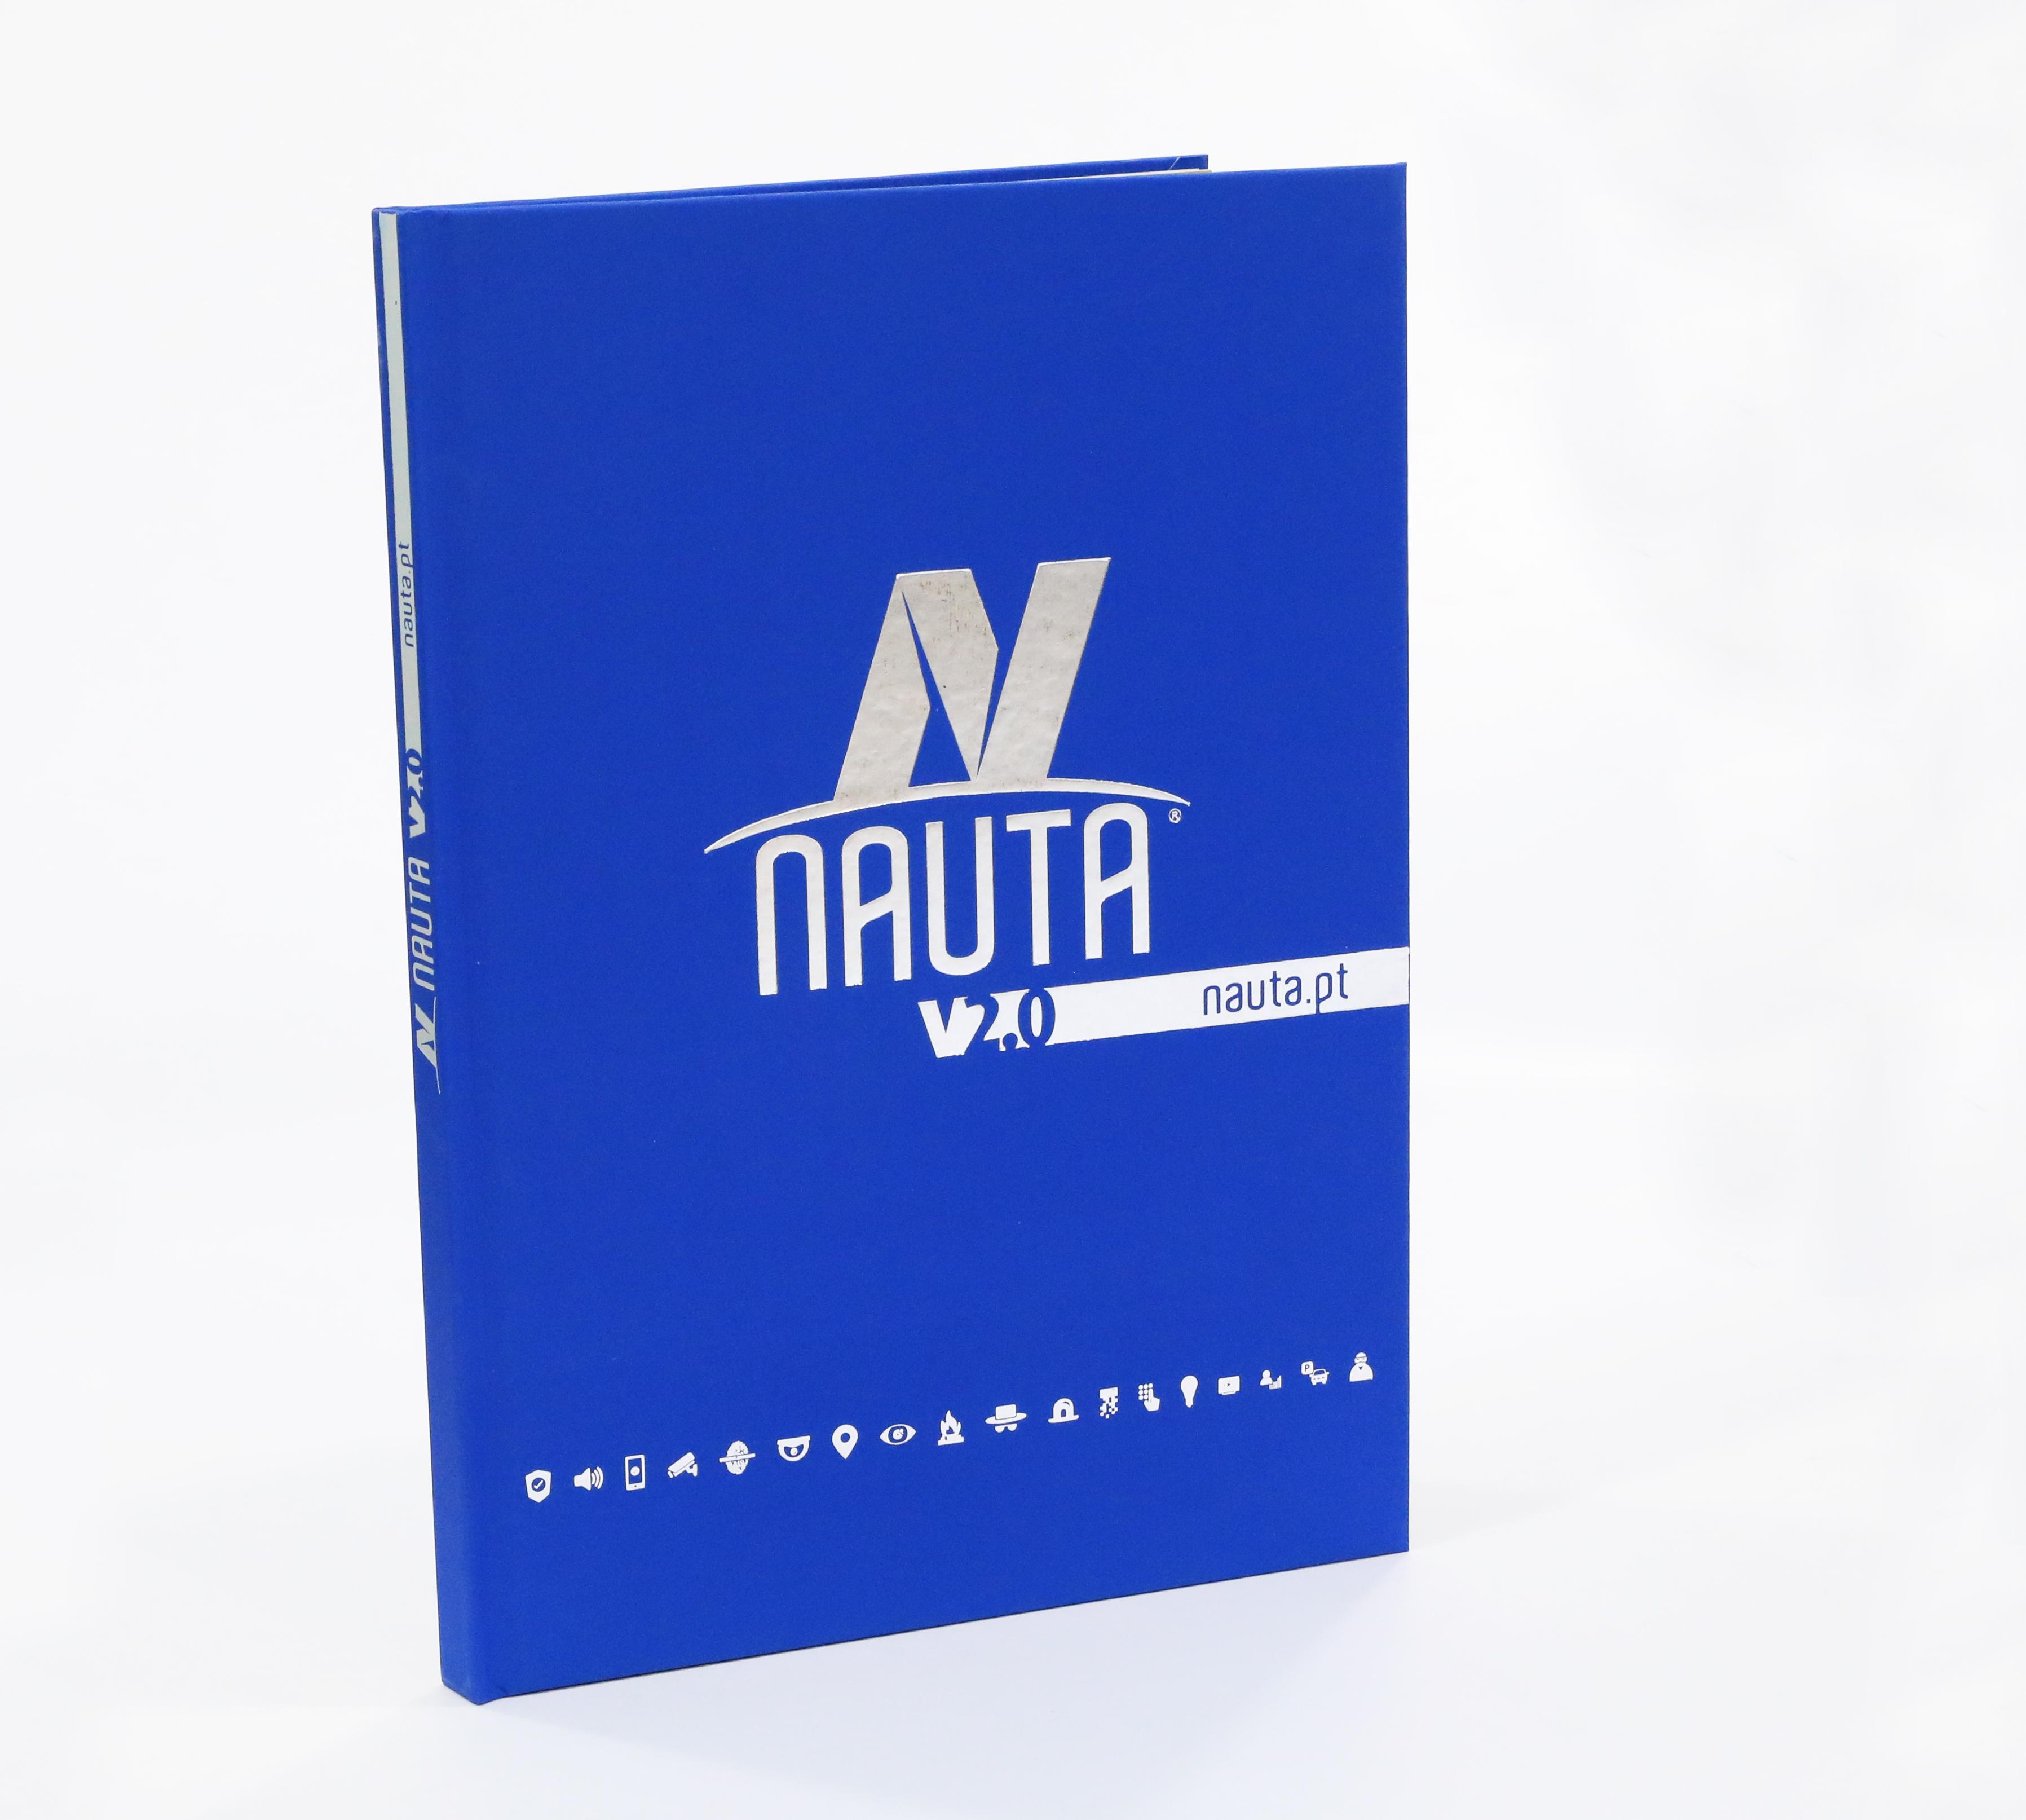 Lançamento do Novo Catálogo Nauta 2019